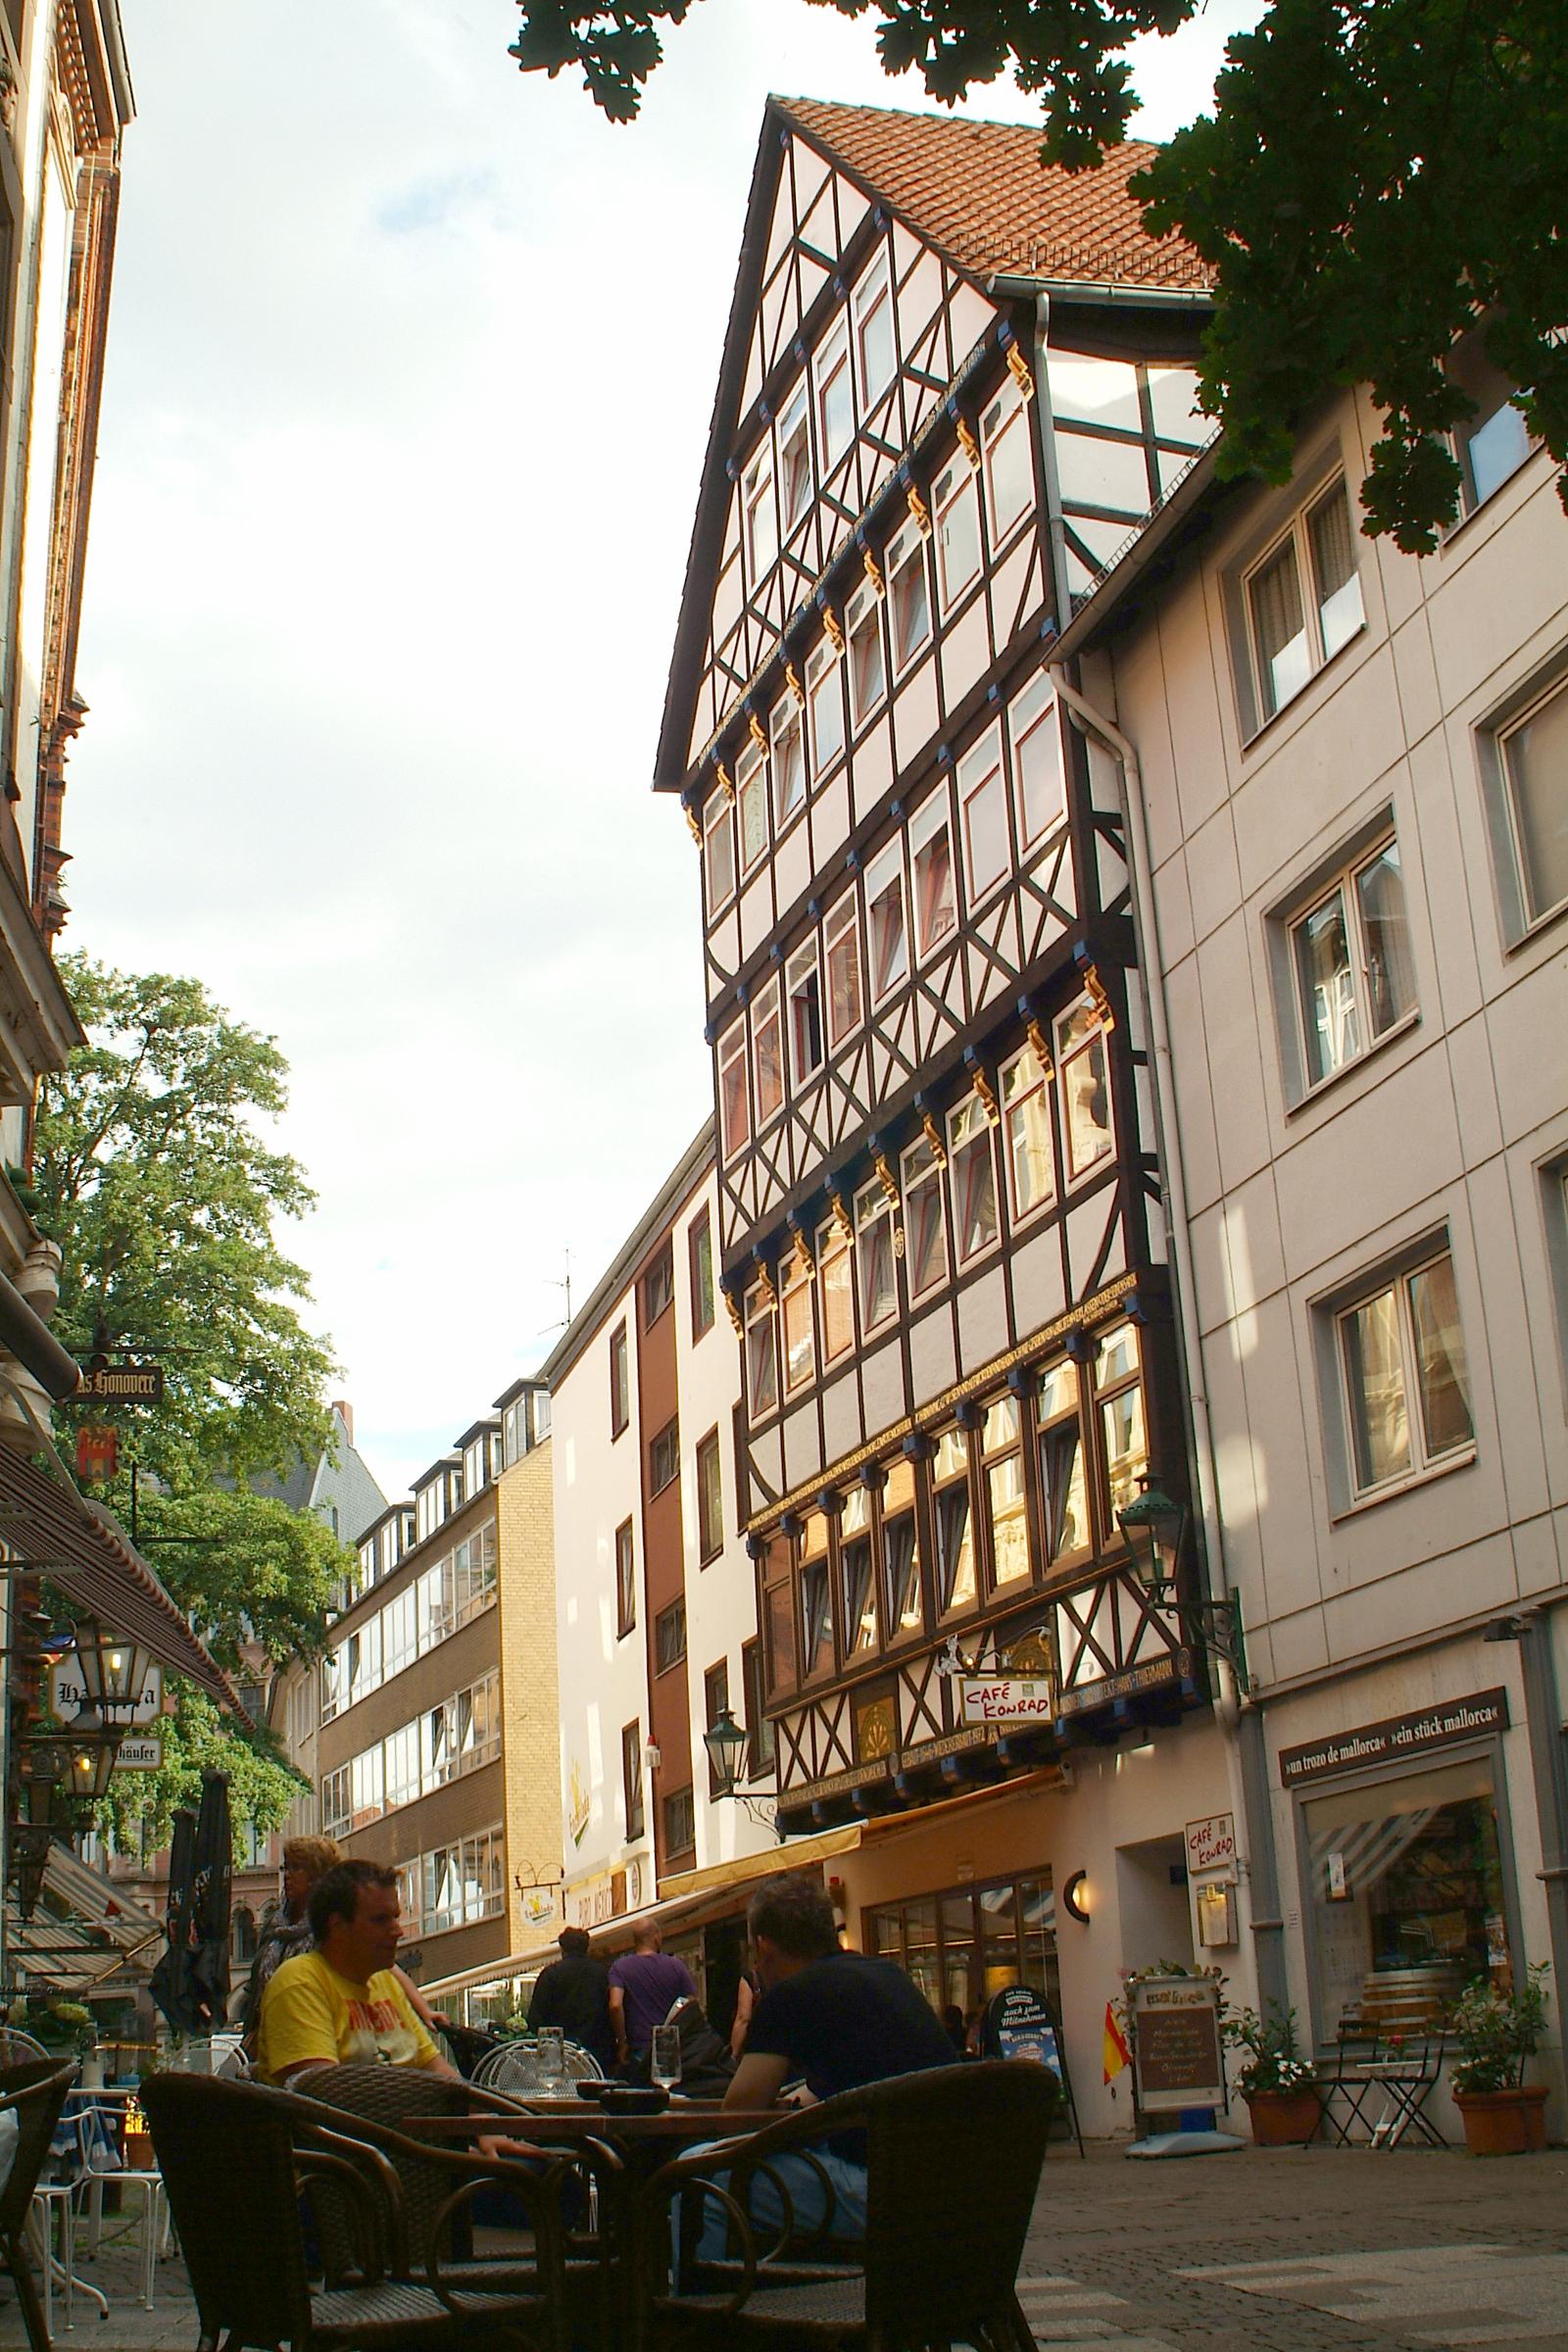 erfahrungen dating cafe Heilbronn